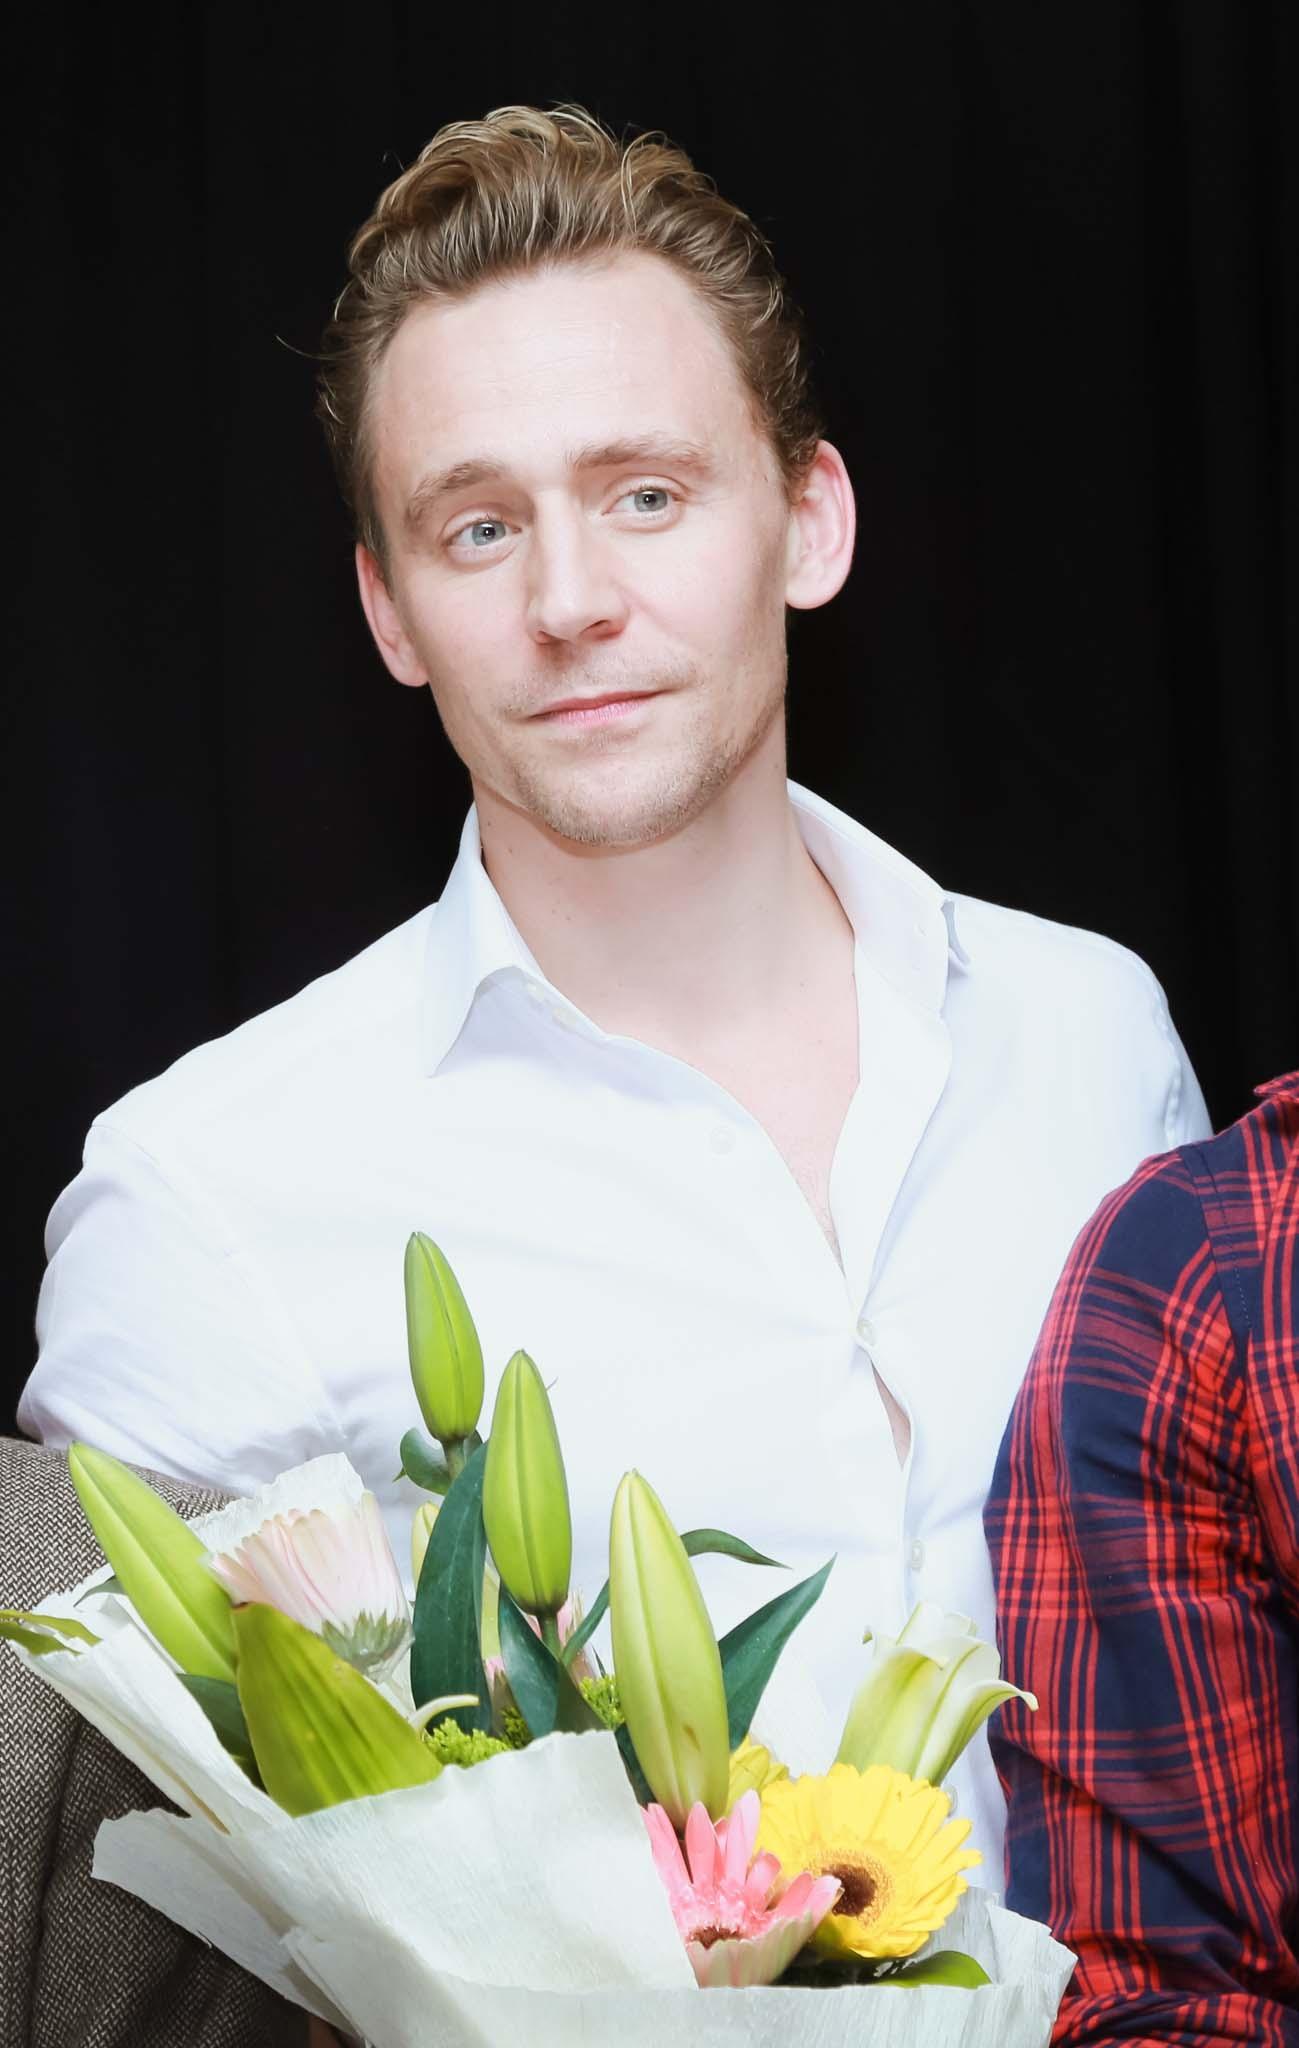 """Tom Hiddleston từng gây ấn tượng mạnh với khán giả Việt Nam qua vai phản diện trong bộ phim """"Thor: The Dark World, Avengers""""."""